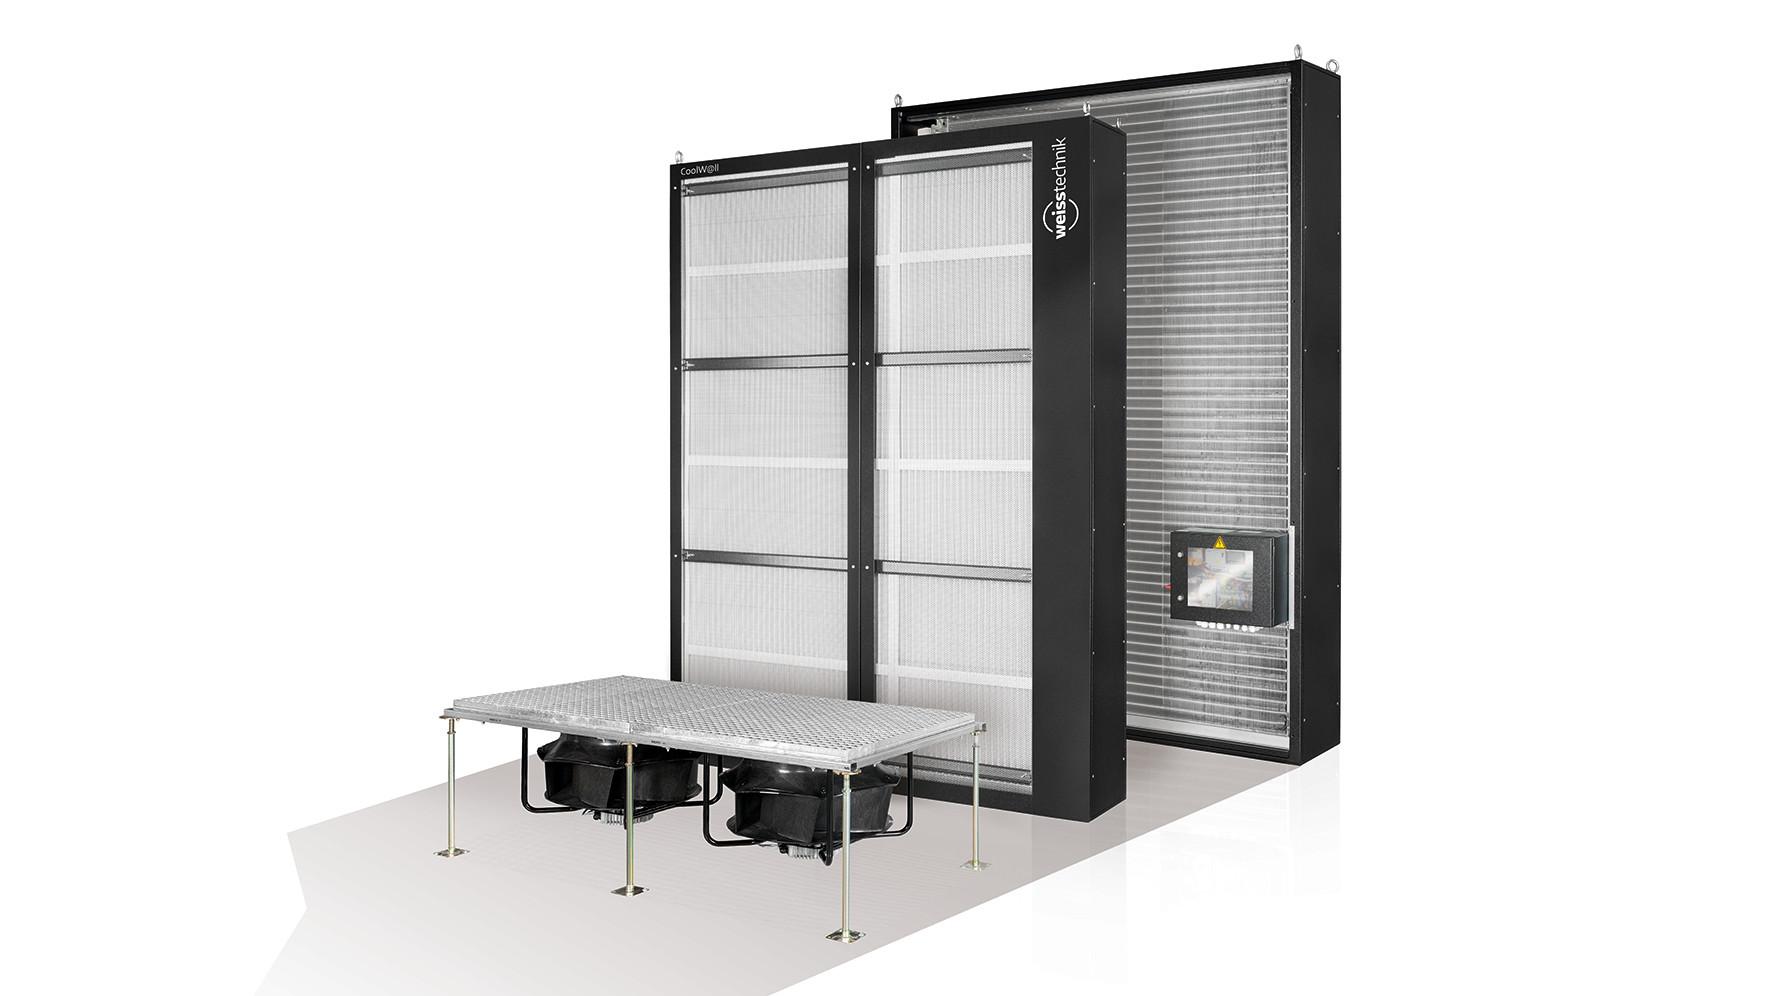 Die Vindur® CoolWall von Weiss Klimatechnik wird zum Teil des Serverraums. Die fast wandhohen Wärmetauscher bilden die Trennwand zwischen IT-Technik und Versorgungsraum. Der Lufttransport erfolgt durch große Ventilatoren im Doppelboden. Foto: Weiss Klimatechnik GmbH